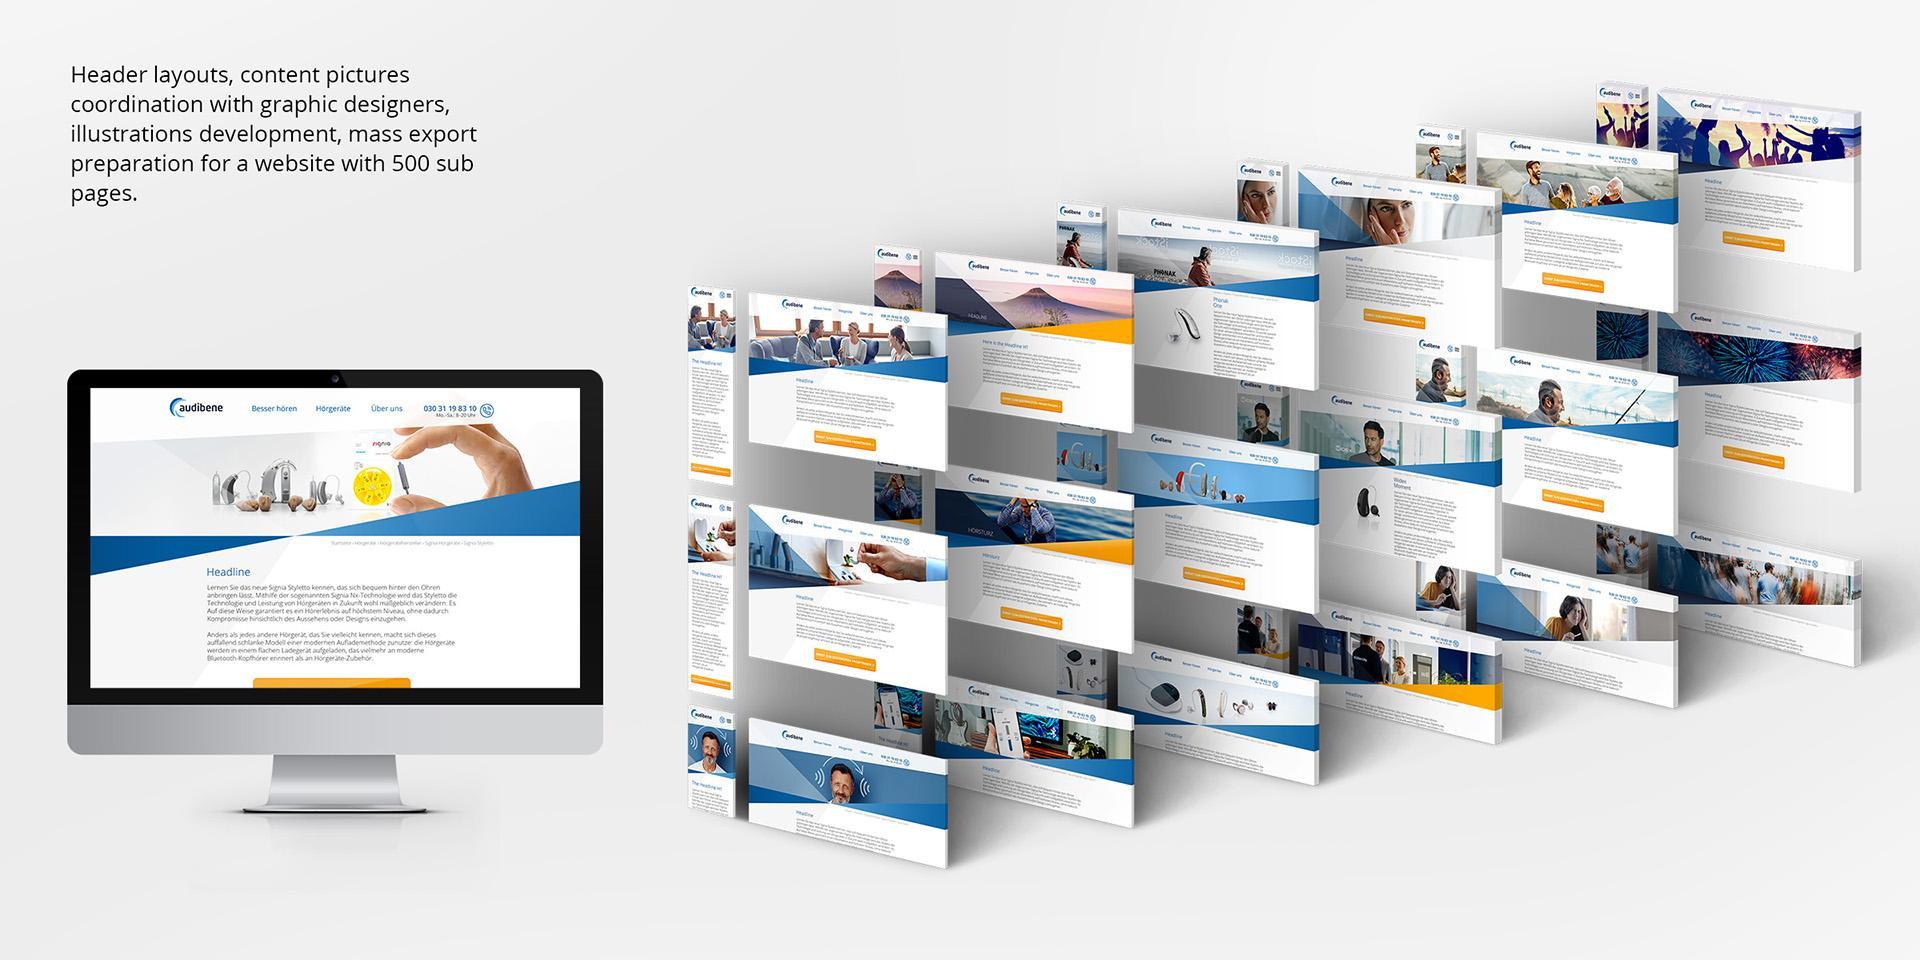 gfd ab website subpages2 werbeagentur werbung grafik print Kreativ agentur muenchen full service 360 marketing